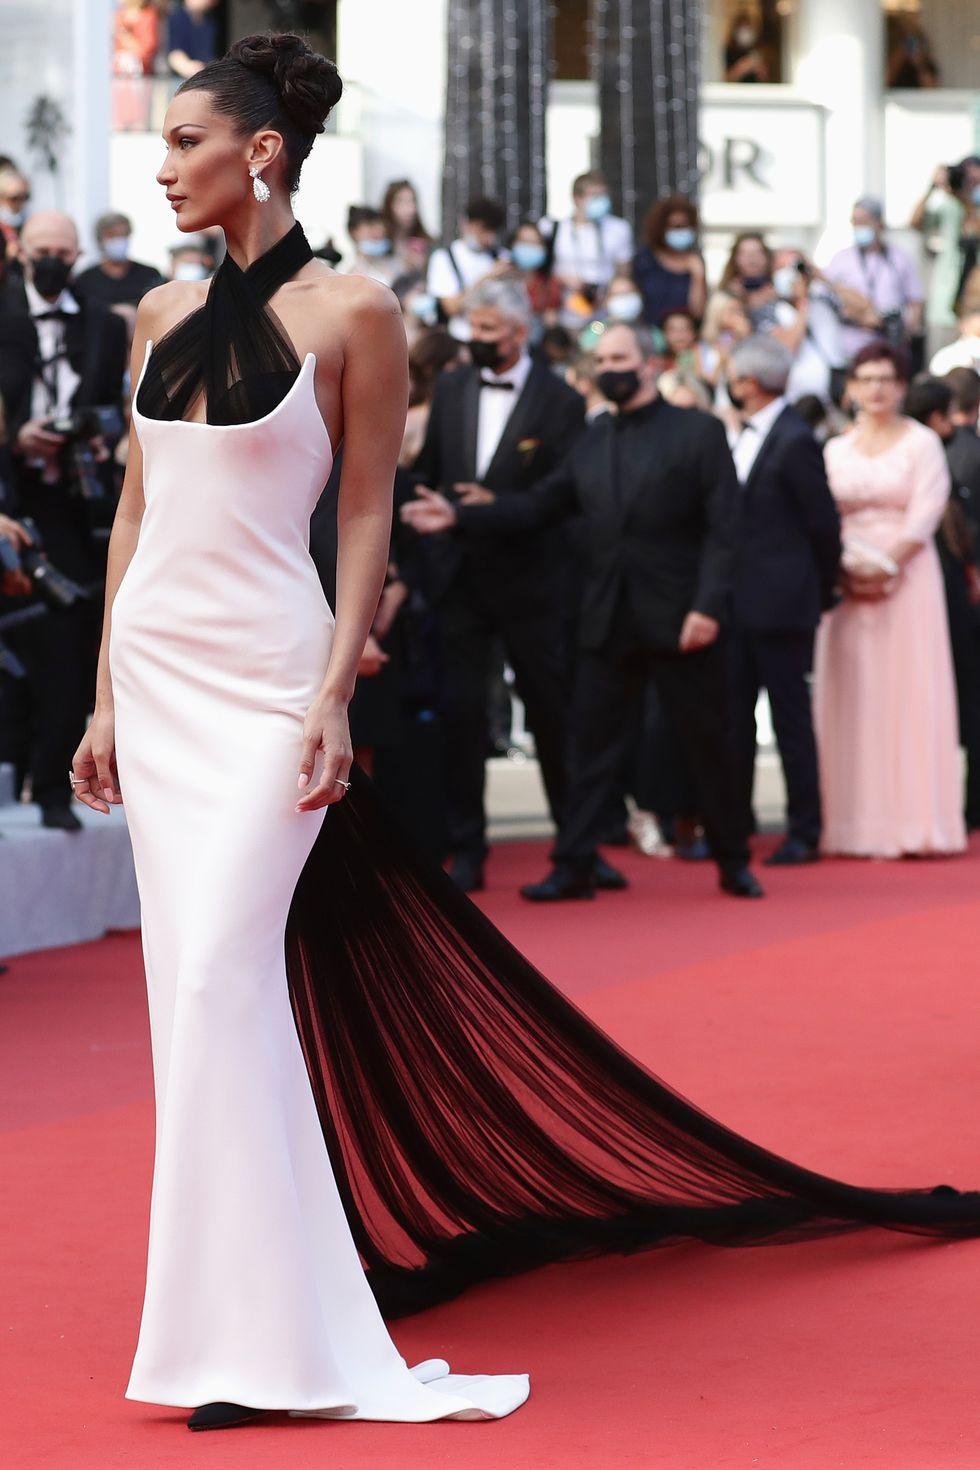 Bella Hadid tạo dáng ấn tượng trong chiếc váy hai dây cổ điển trong từ bộ sưu tập xuân hè 2002 của Jean Paul Gaultier. Chiếc váy liền thân màu trắng được tạo điểm nhấn bằng áo choàng vải tuyn đen và vạt áo phù hợp khoe trọn sắc vóc quyến rũ của cô.